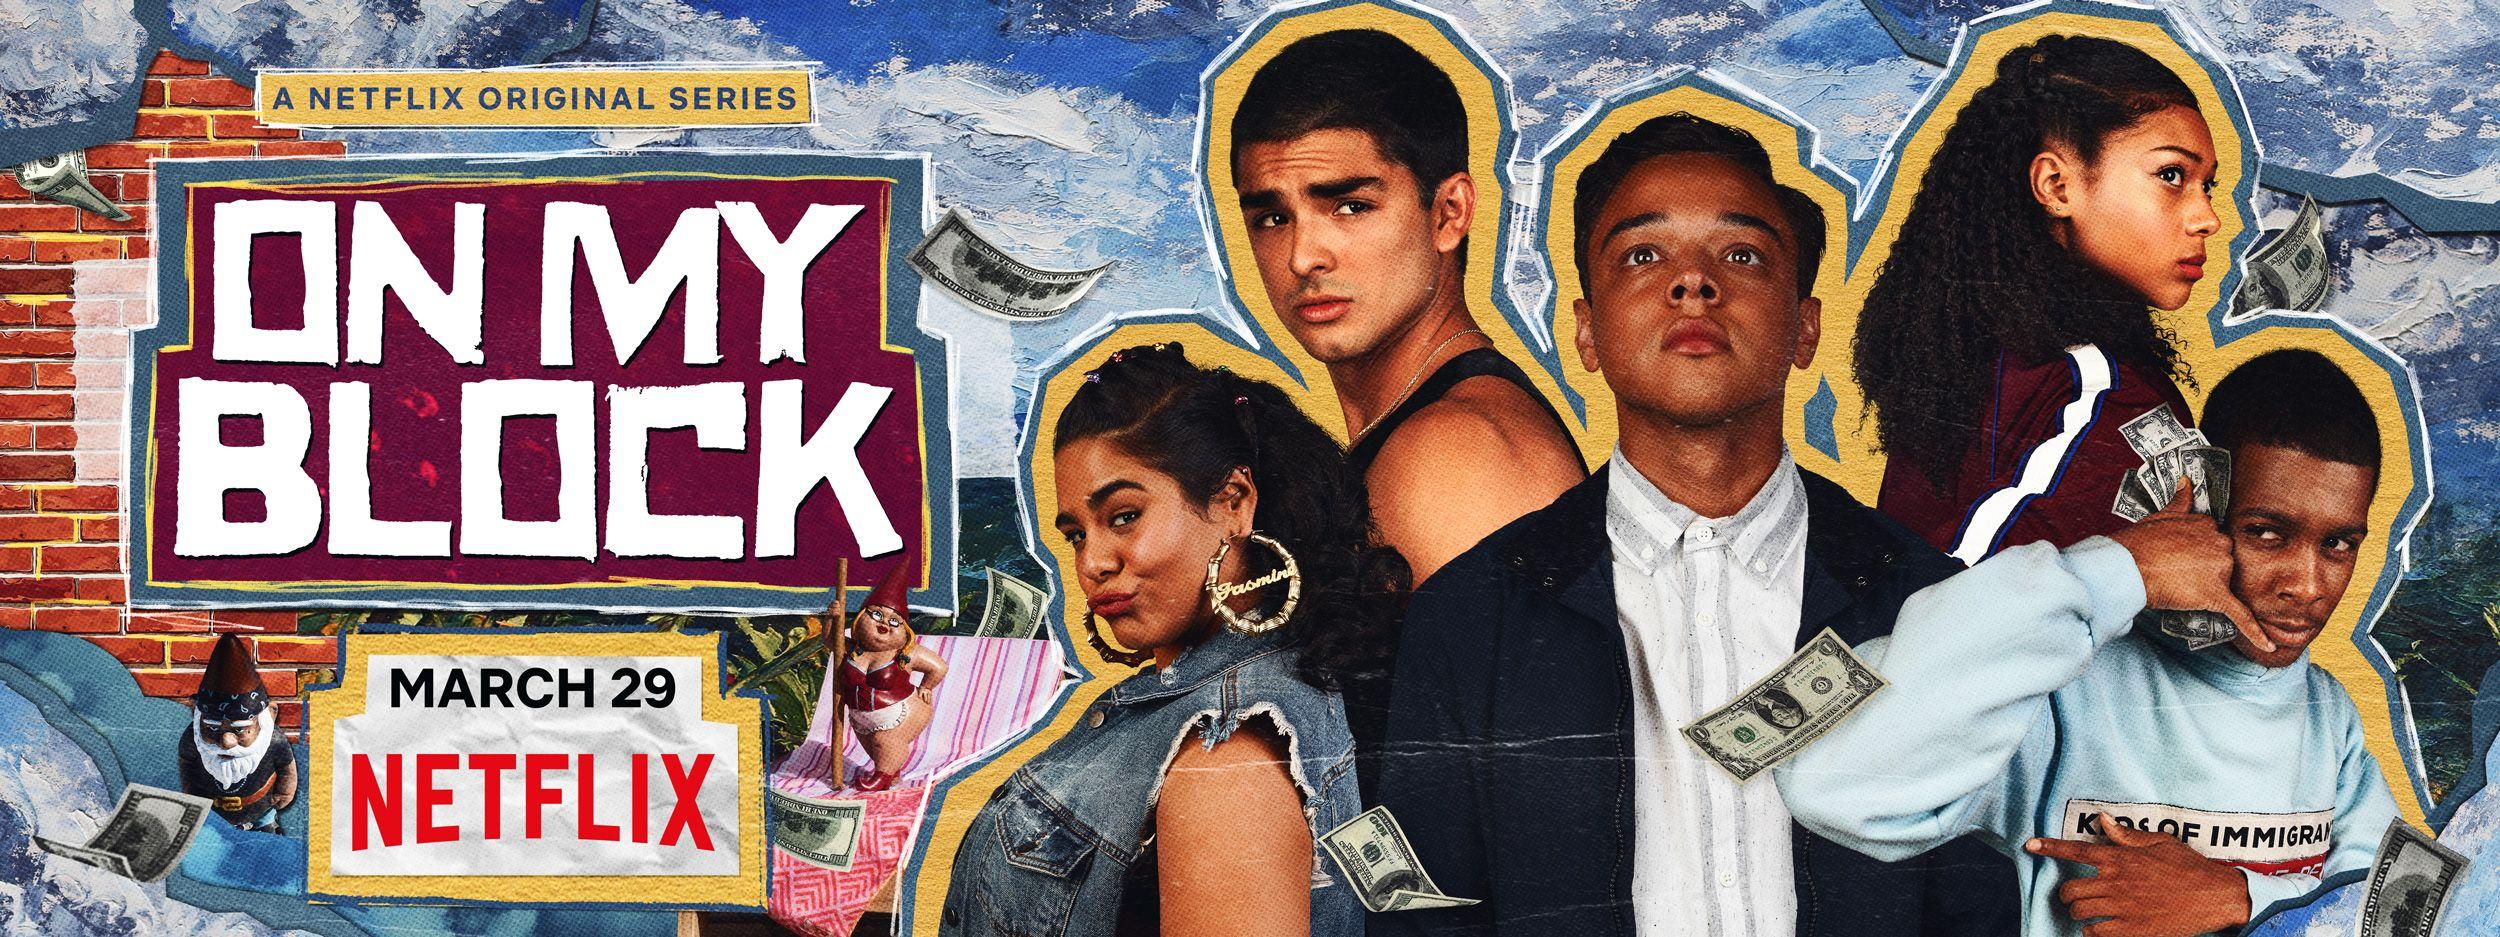 On My Block Season 2 On My Block Season 2 Trailer Cast News